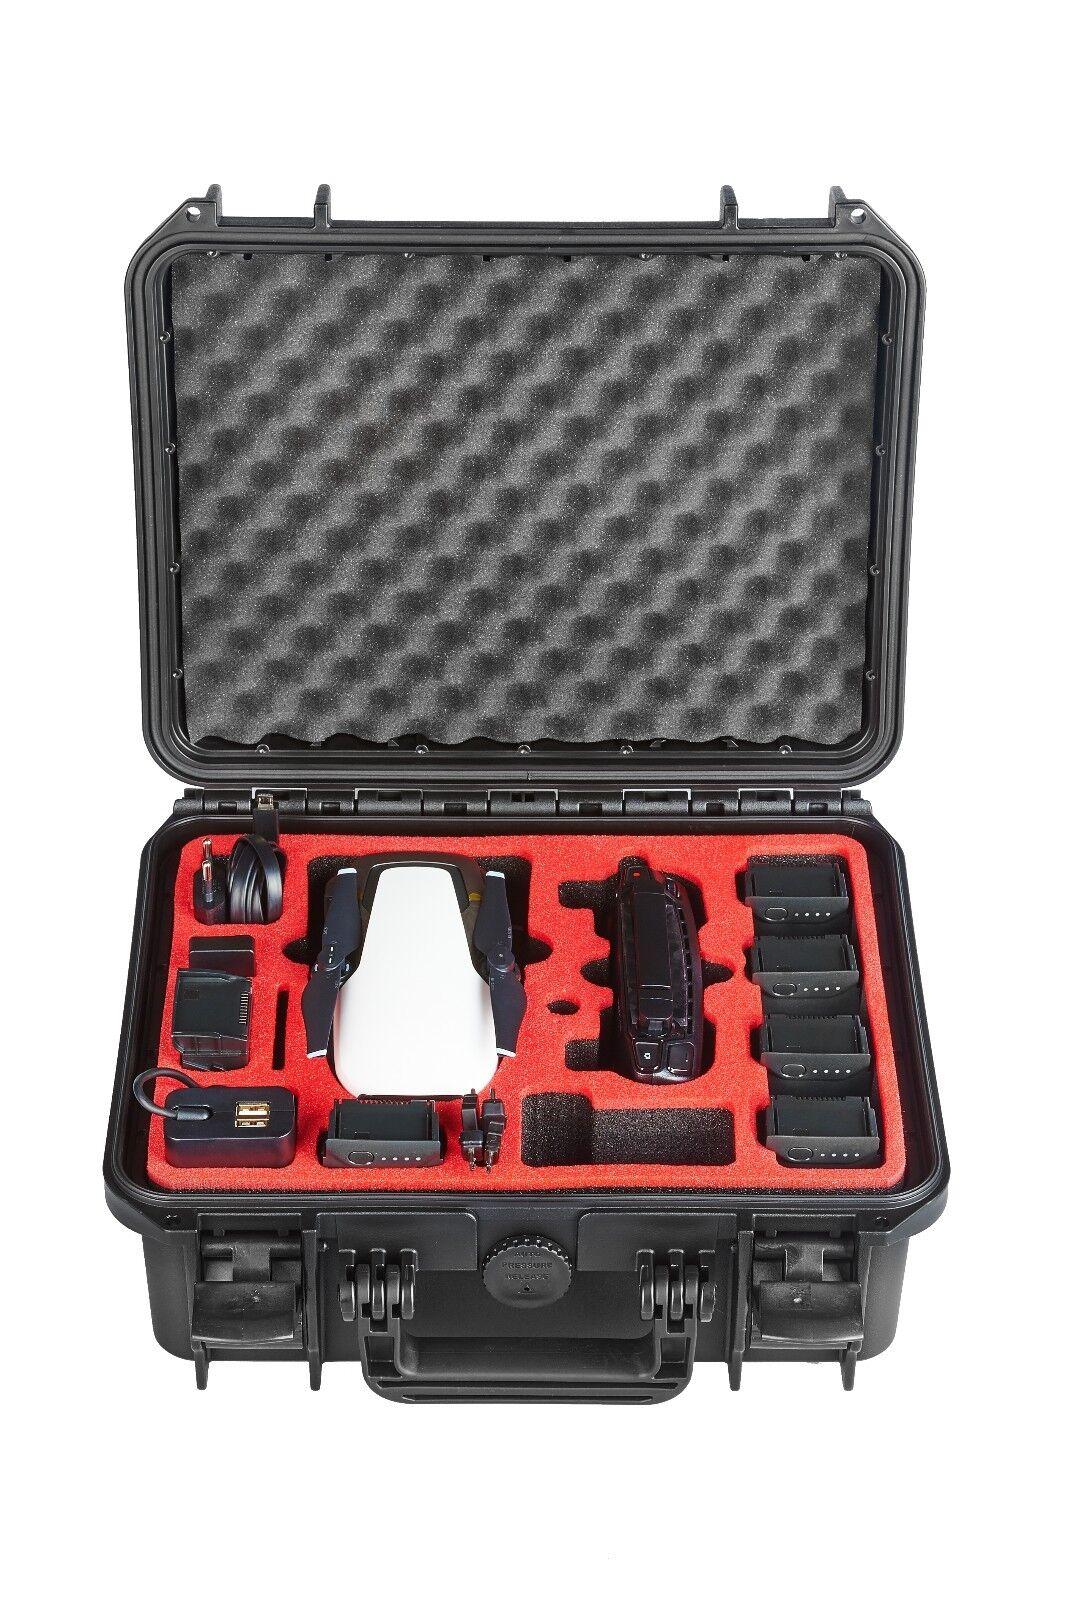 VALIGETTA di trasporto per DJI Mavic Air-Kombo Explorer edizione di MC-Cases-batteria 8